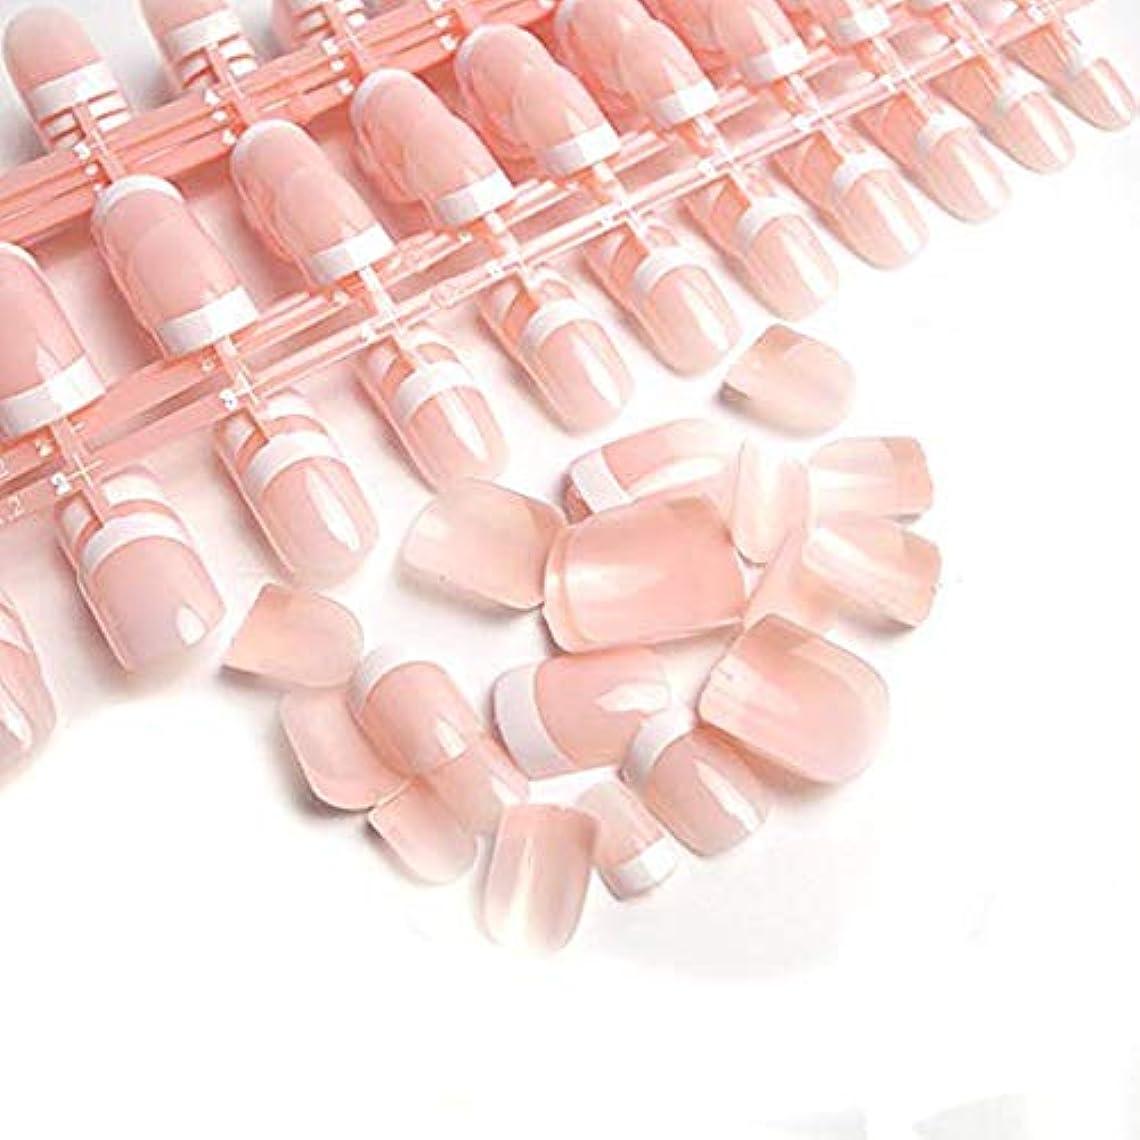 通常間接的報いるLIARTY ネイルチップ 240枚 フレンチ 無地 ピンク 可愛い ショートネイルチップ 形